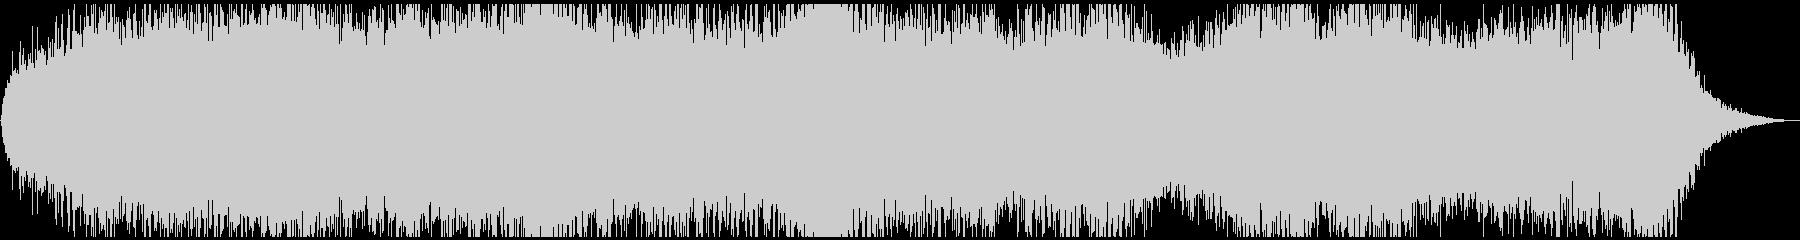 ドローン クリティカル01の未再生の波形